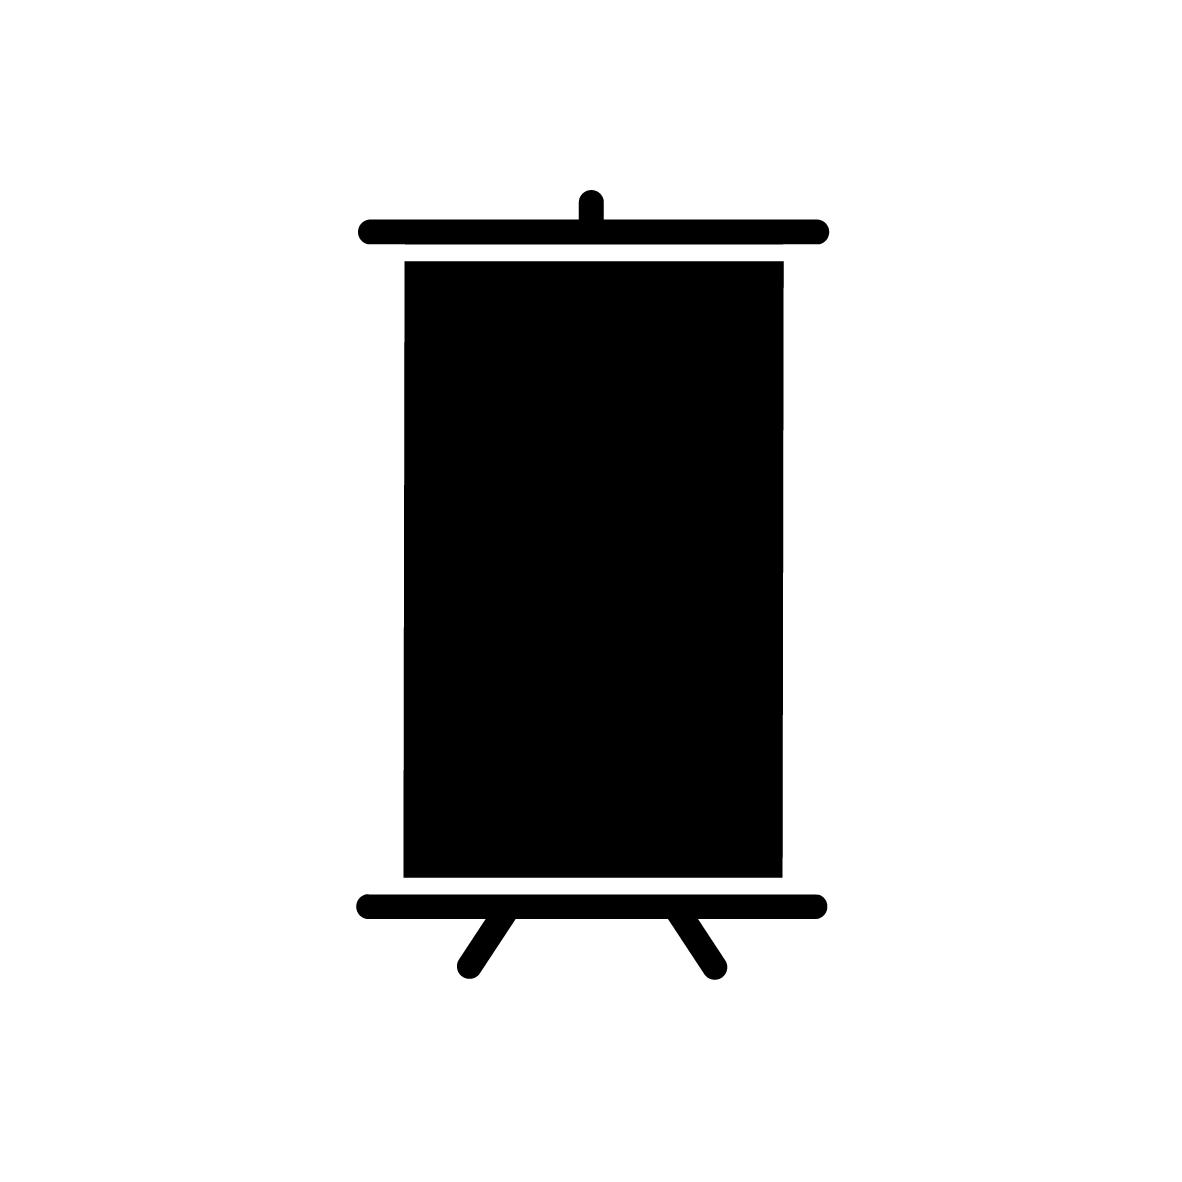 Icons_Webseite_messe_Zeichenfläche 1 Kopie 3